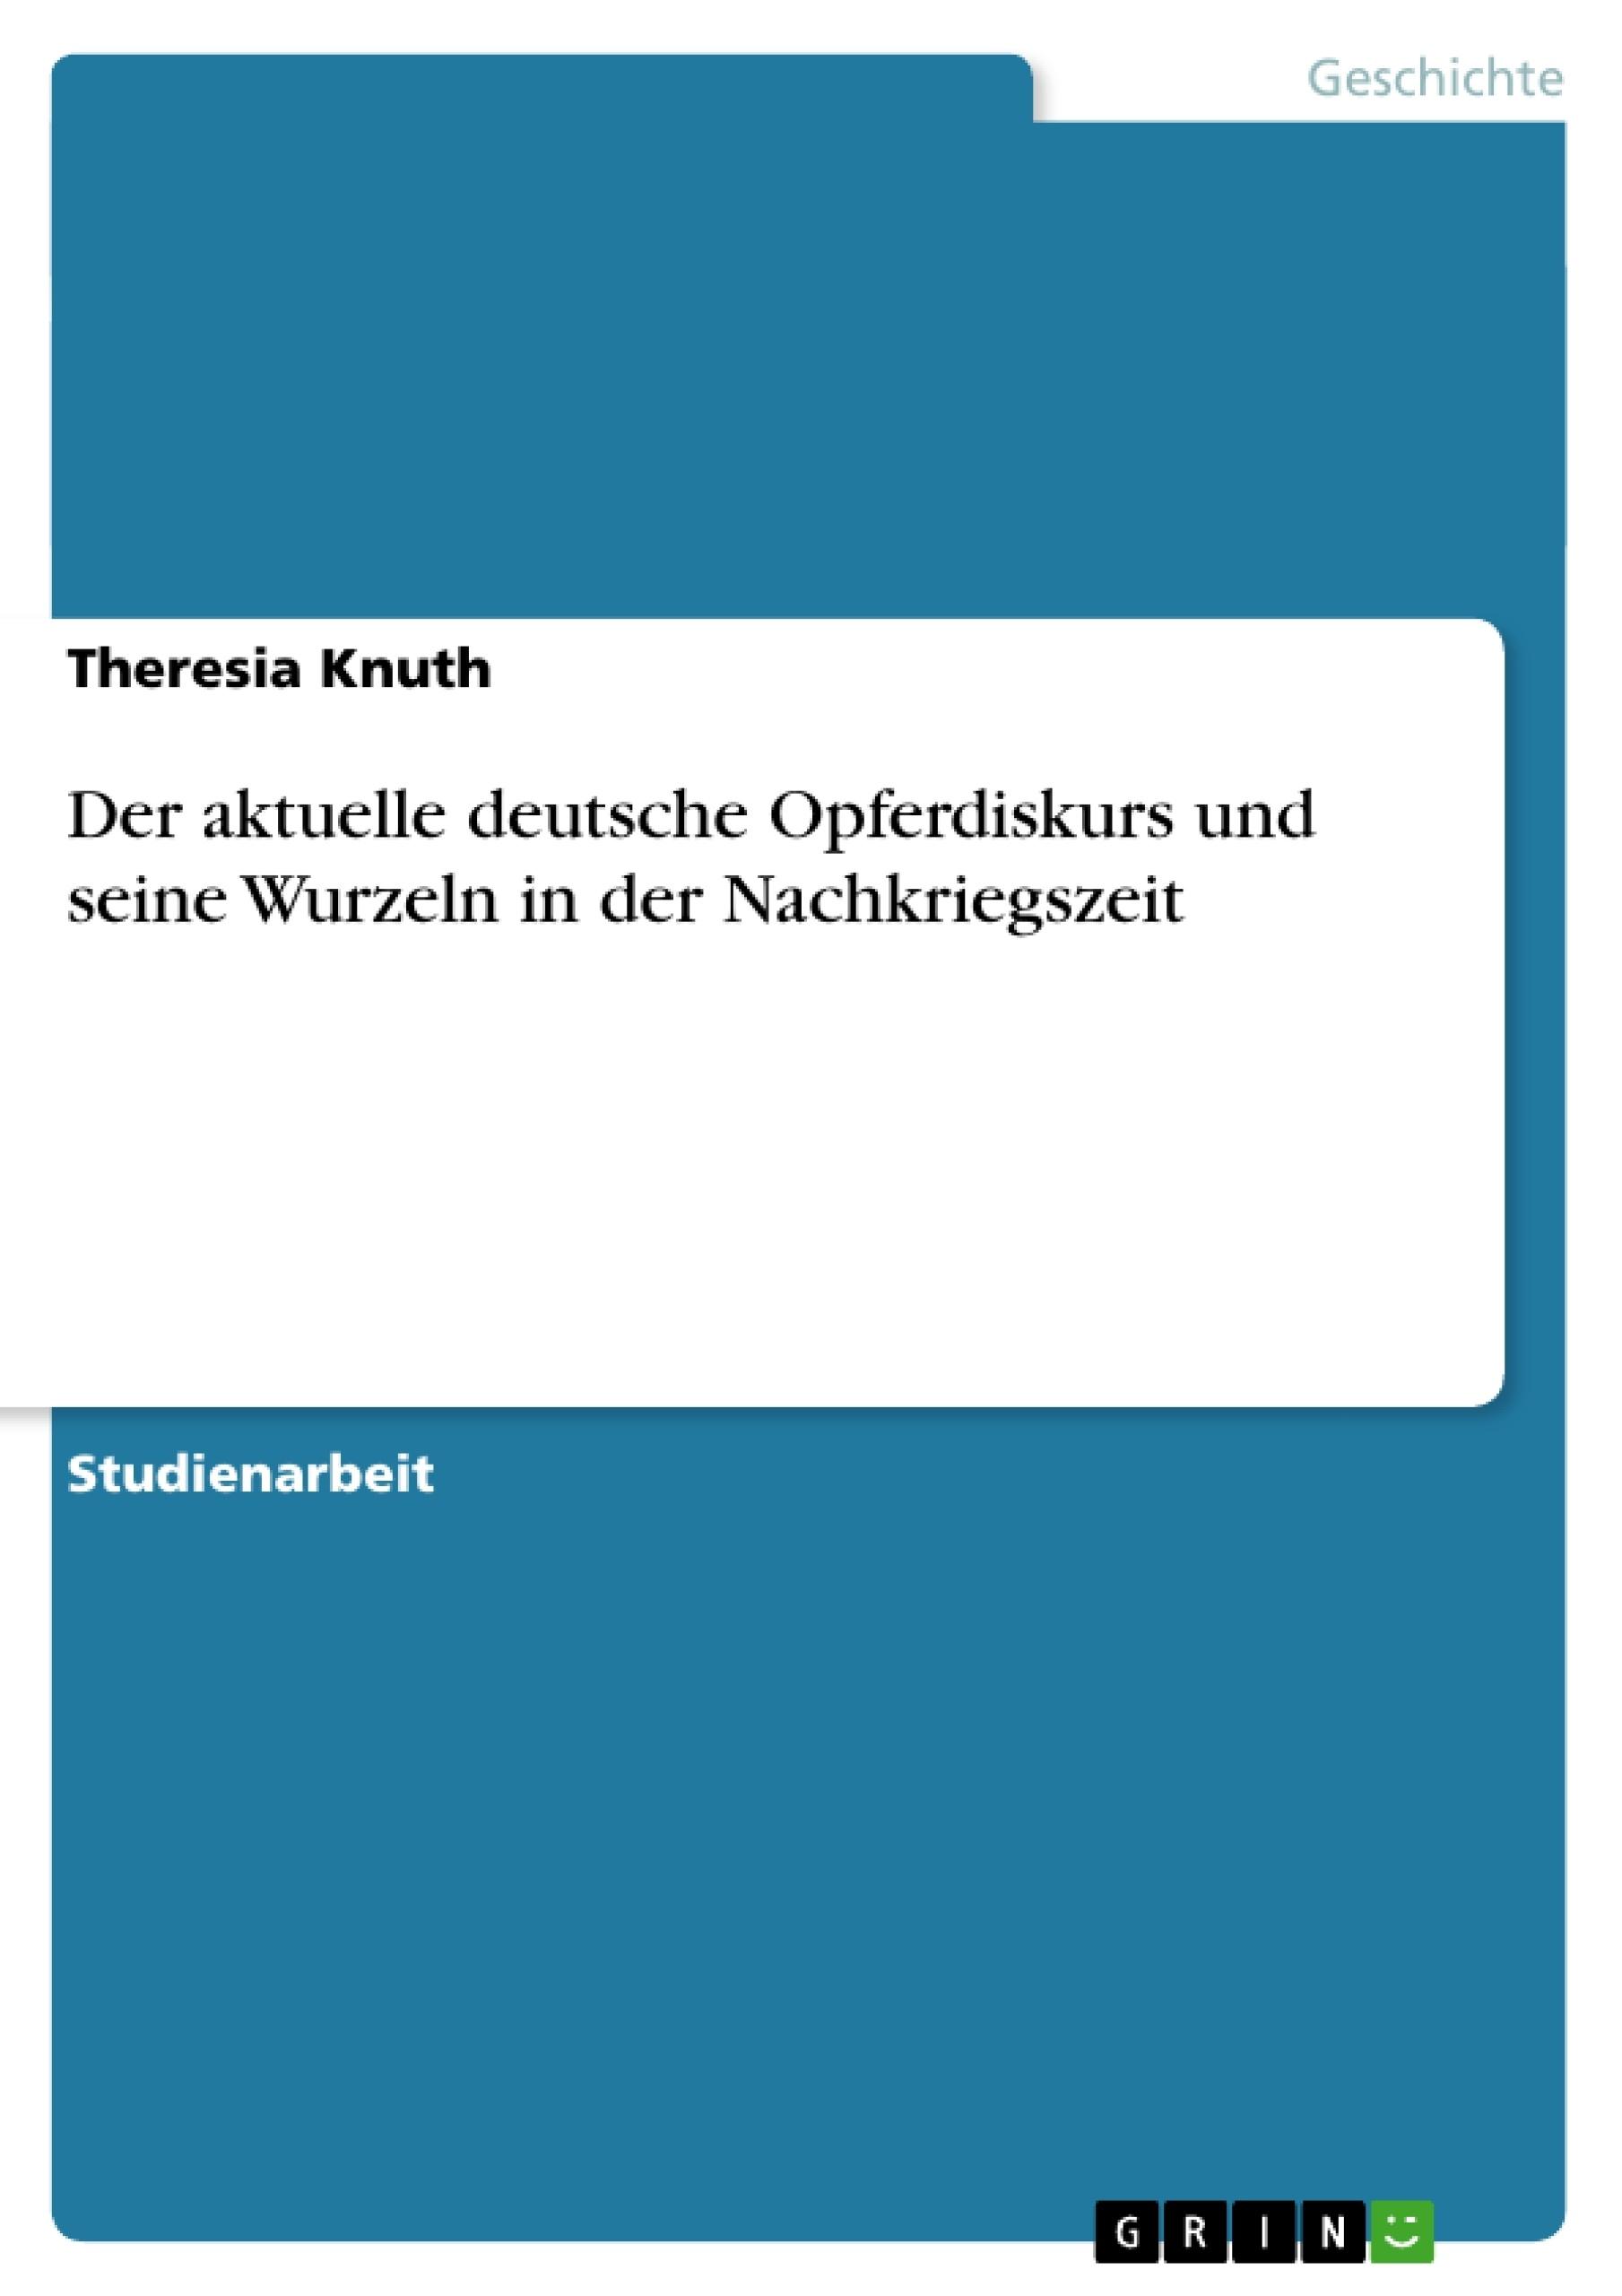 Titel: Der aktuelle deutsche Opferdiskurs und seine Wurzeln in der Nachkriegszeit